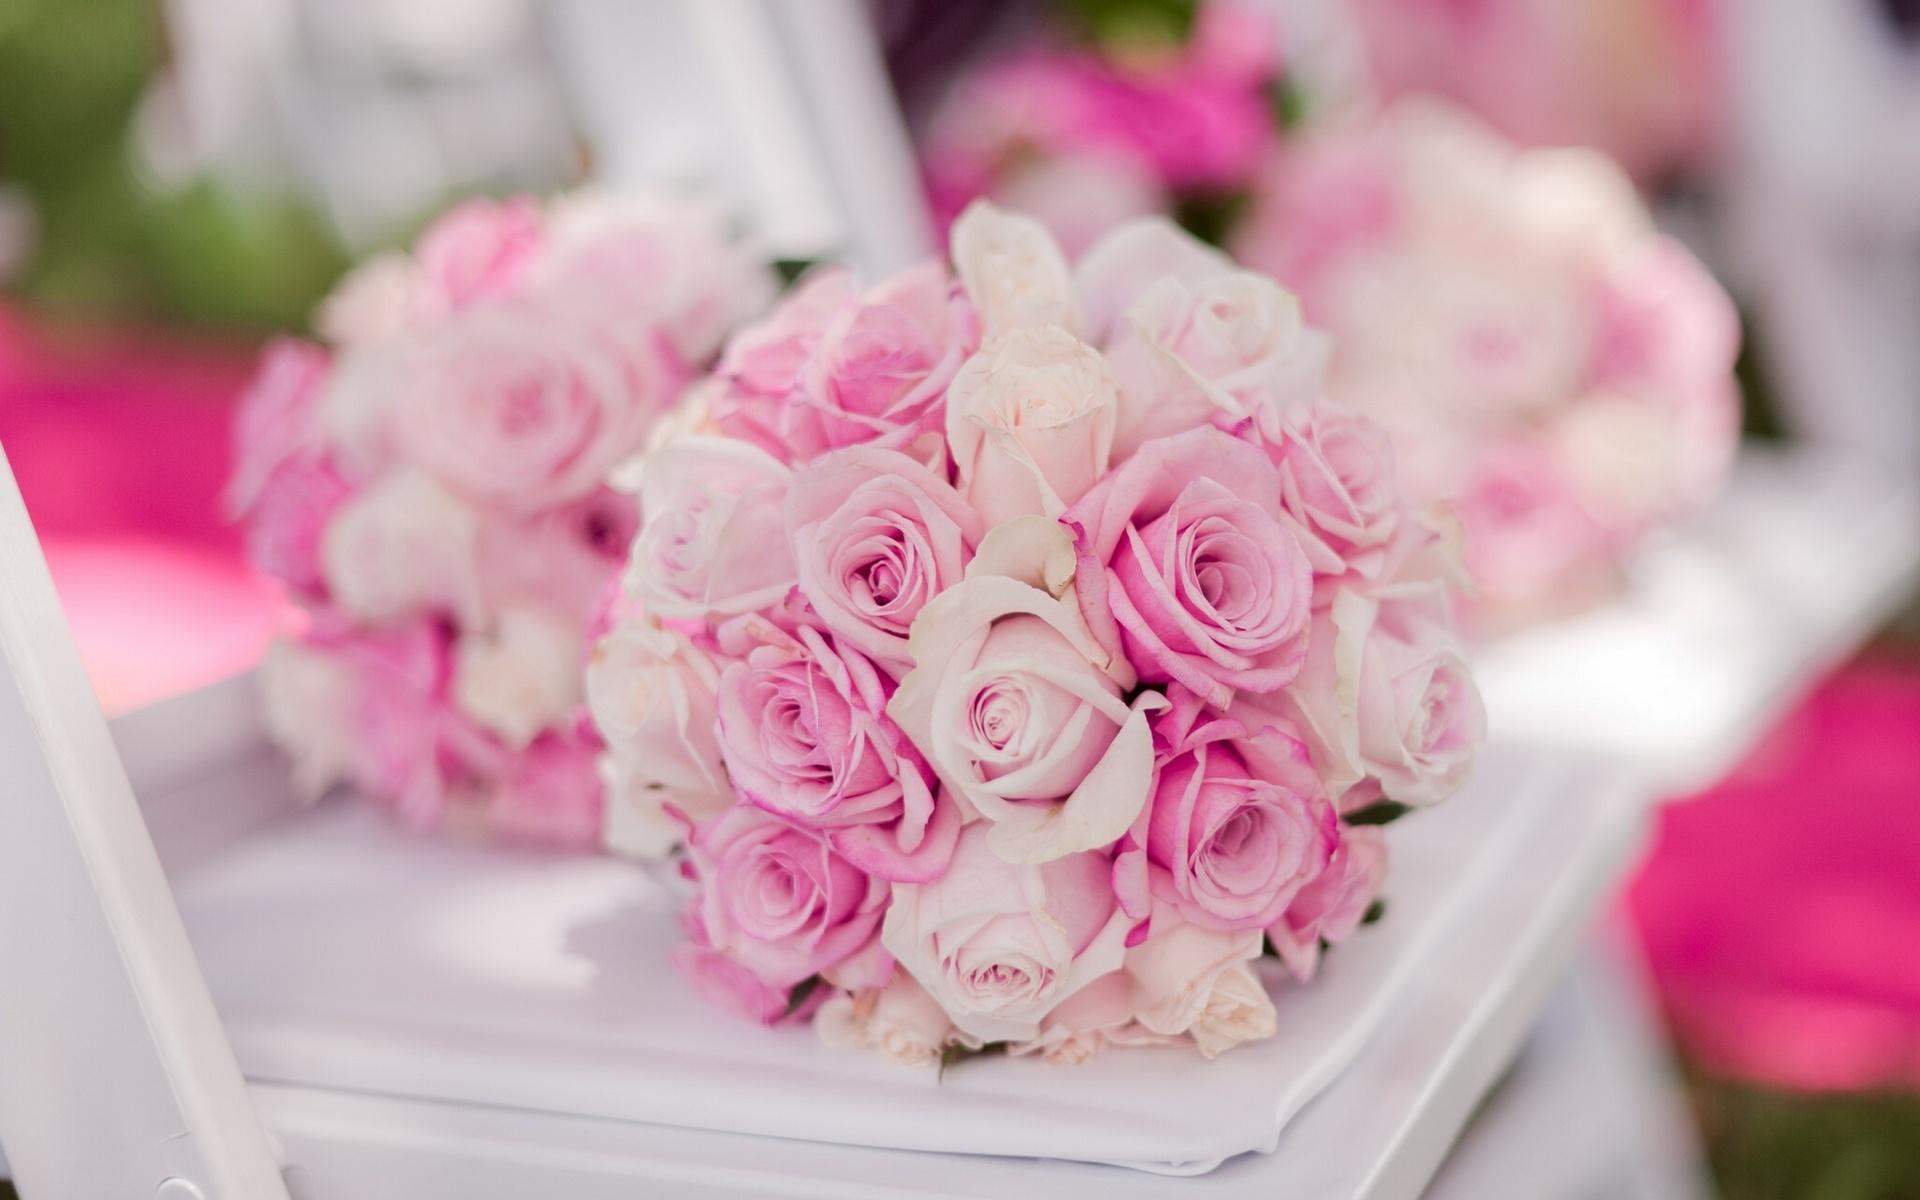 Wedding Bouquet Buds Roses Bokeh Wallpaper